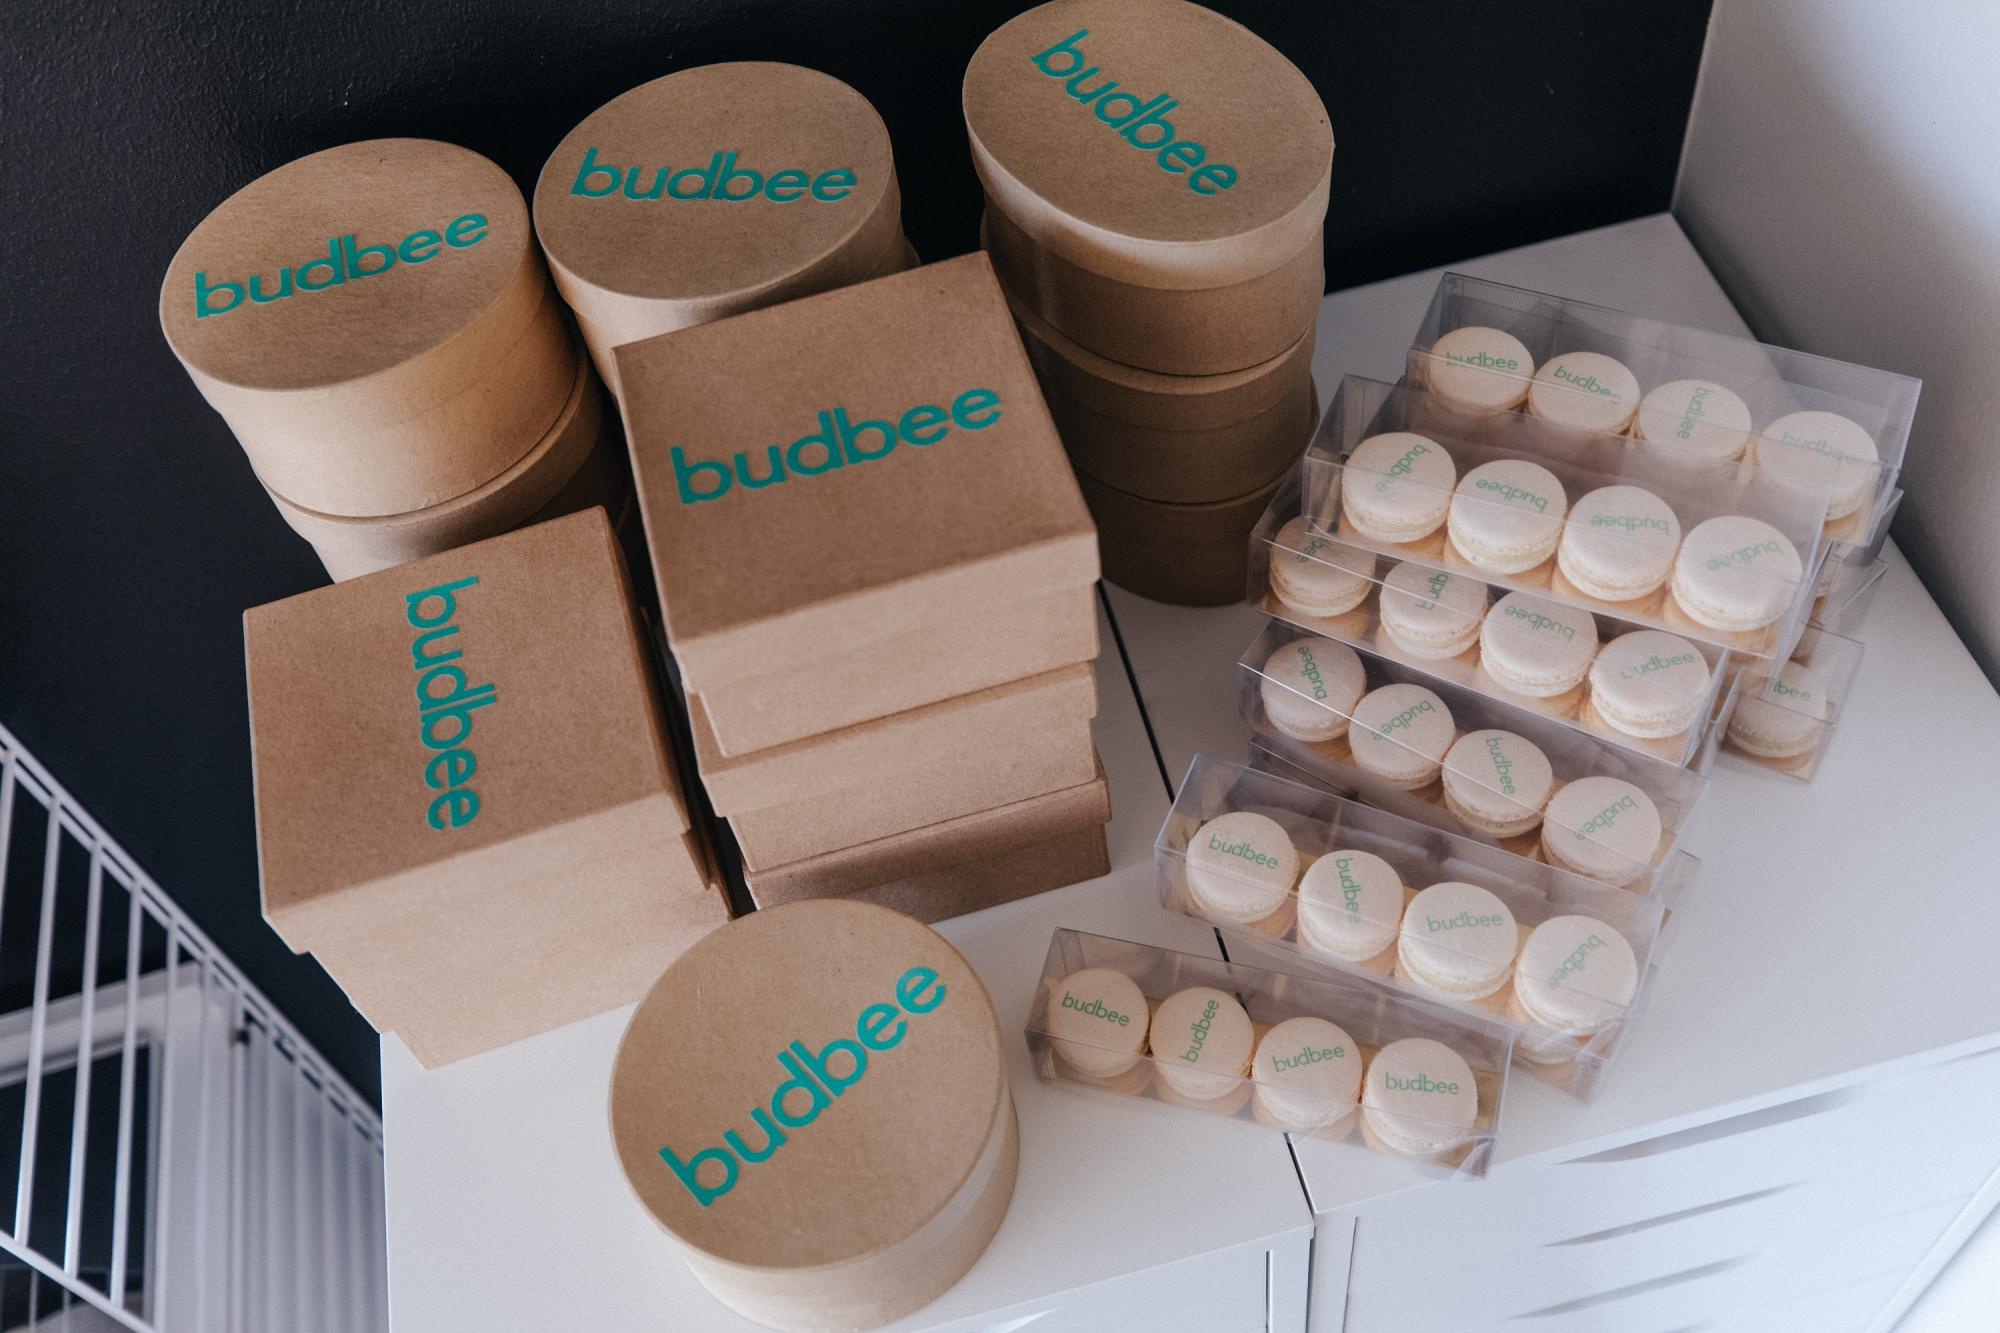 Budbee kotiinkuljetus5